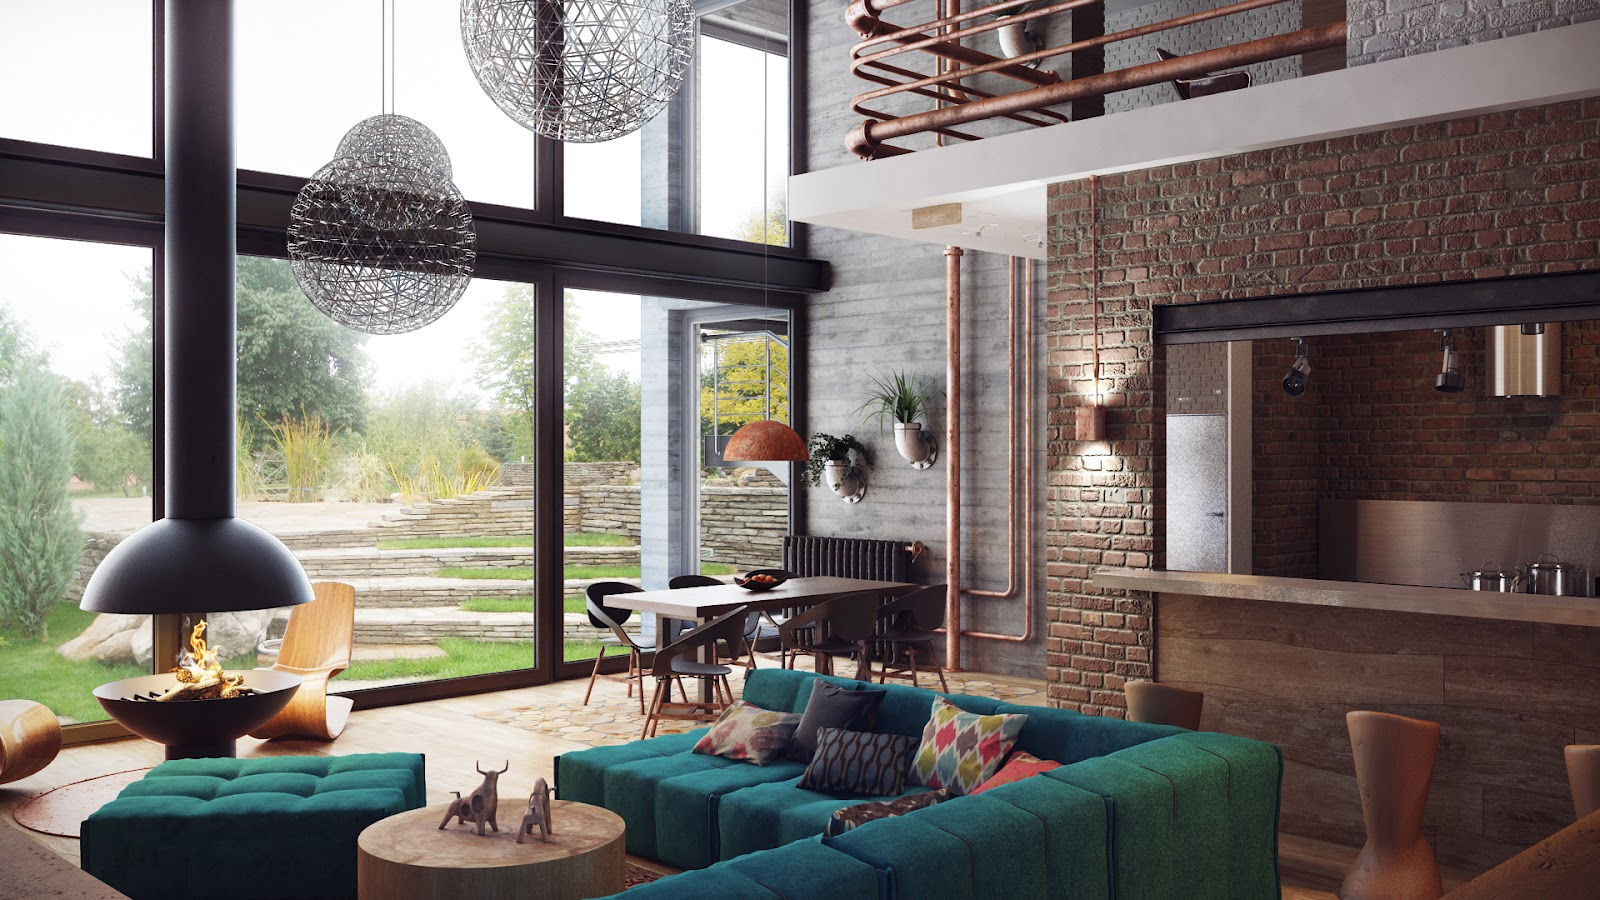 ruang+tamu+modern Desain Rumah Modern Dari Karya Brilian Arsitektur Uglyanitsa Alexander